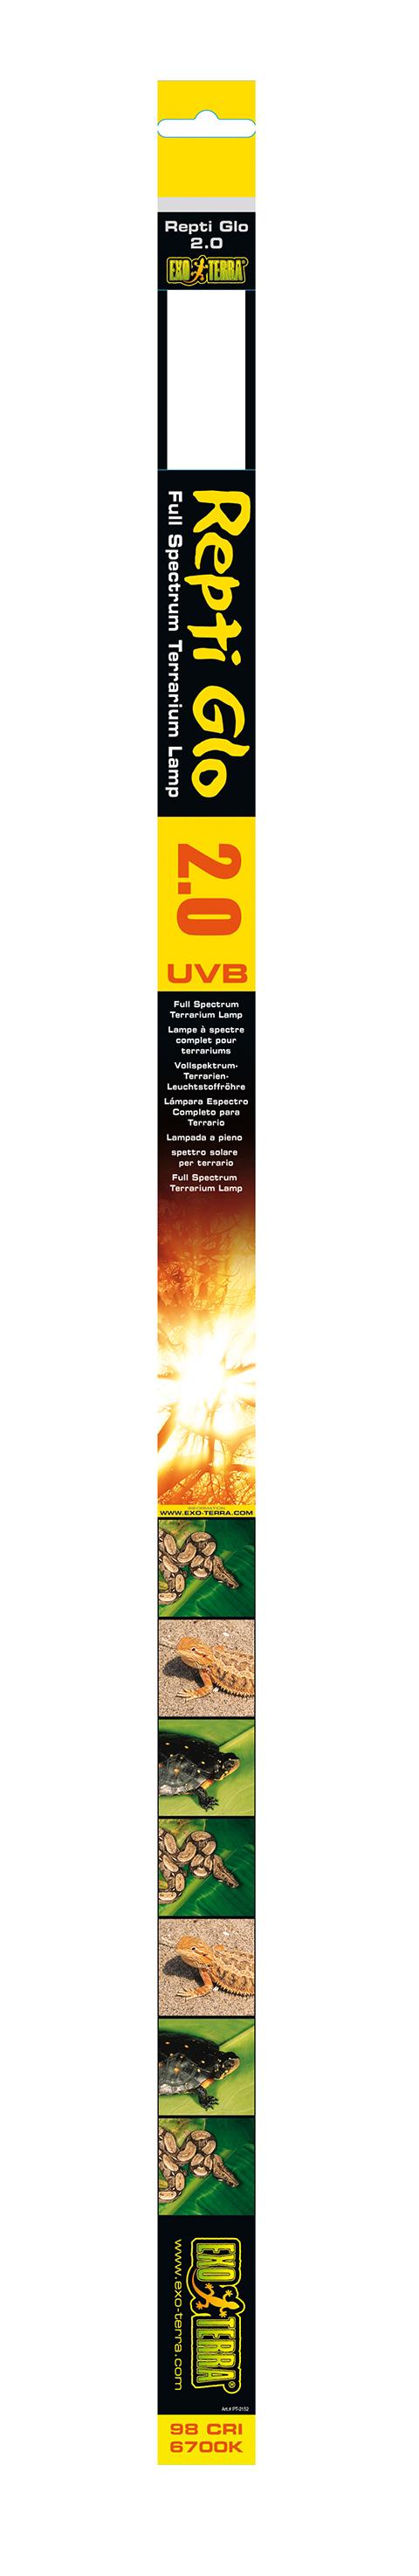 цена на Ультрафиолетовая лампа Exo Terra Natural Light (Repti Glo 2.0) т8 (15 Вт/45 см)